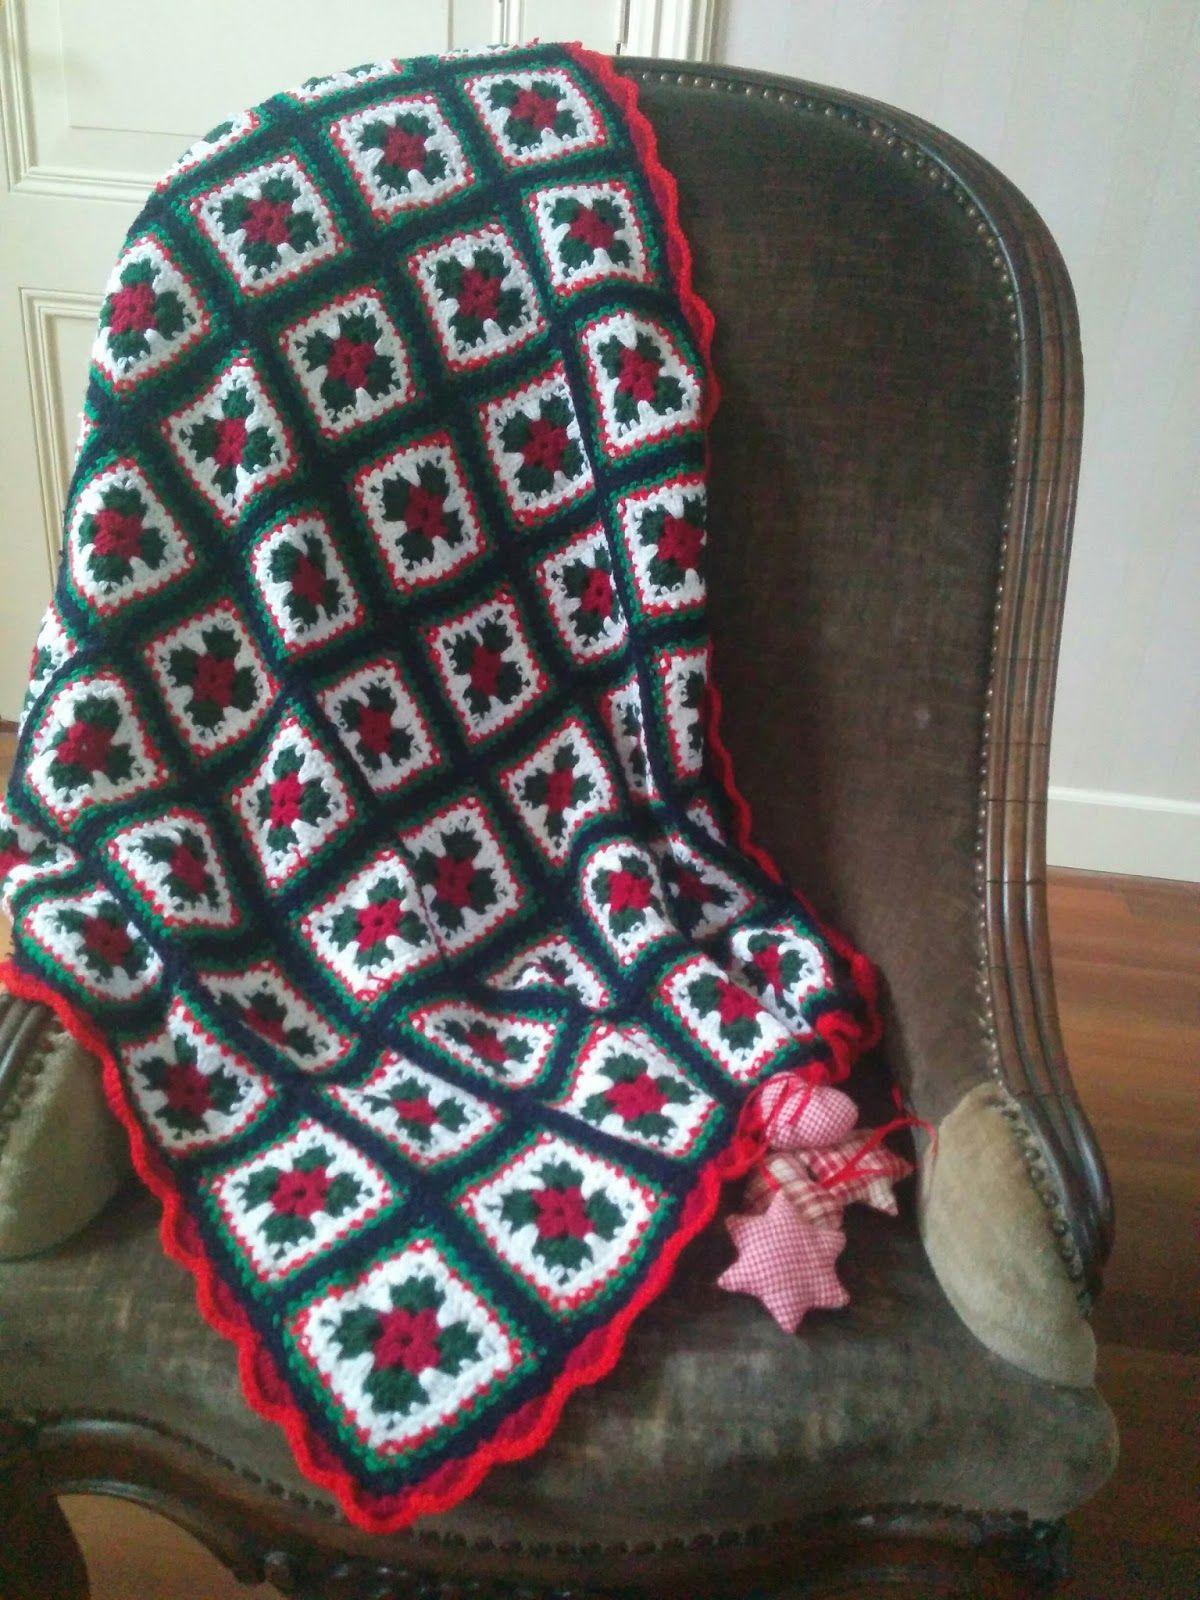 Kerst Deken Haken Dit Is Een Klassieke Deken Gemaakt Van Grannies